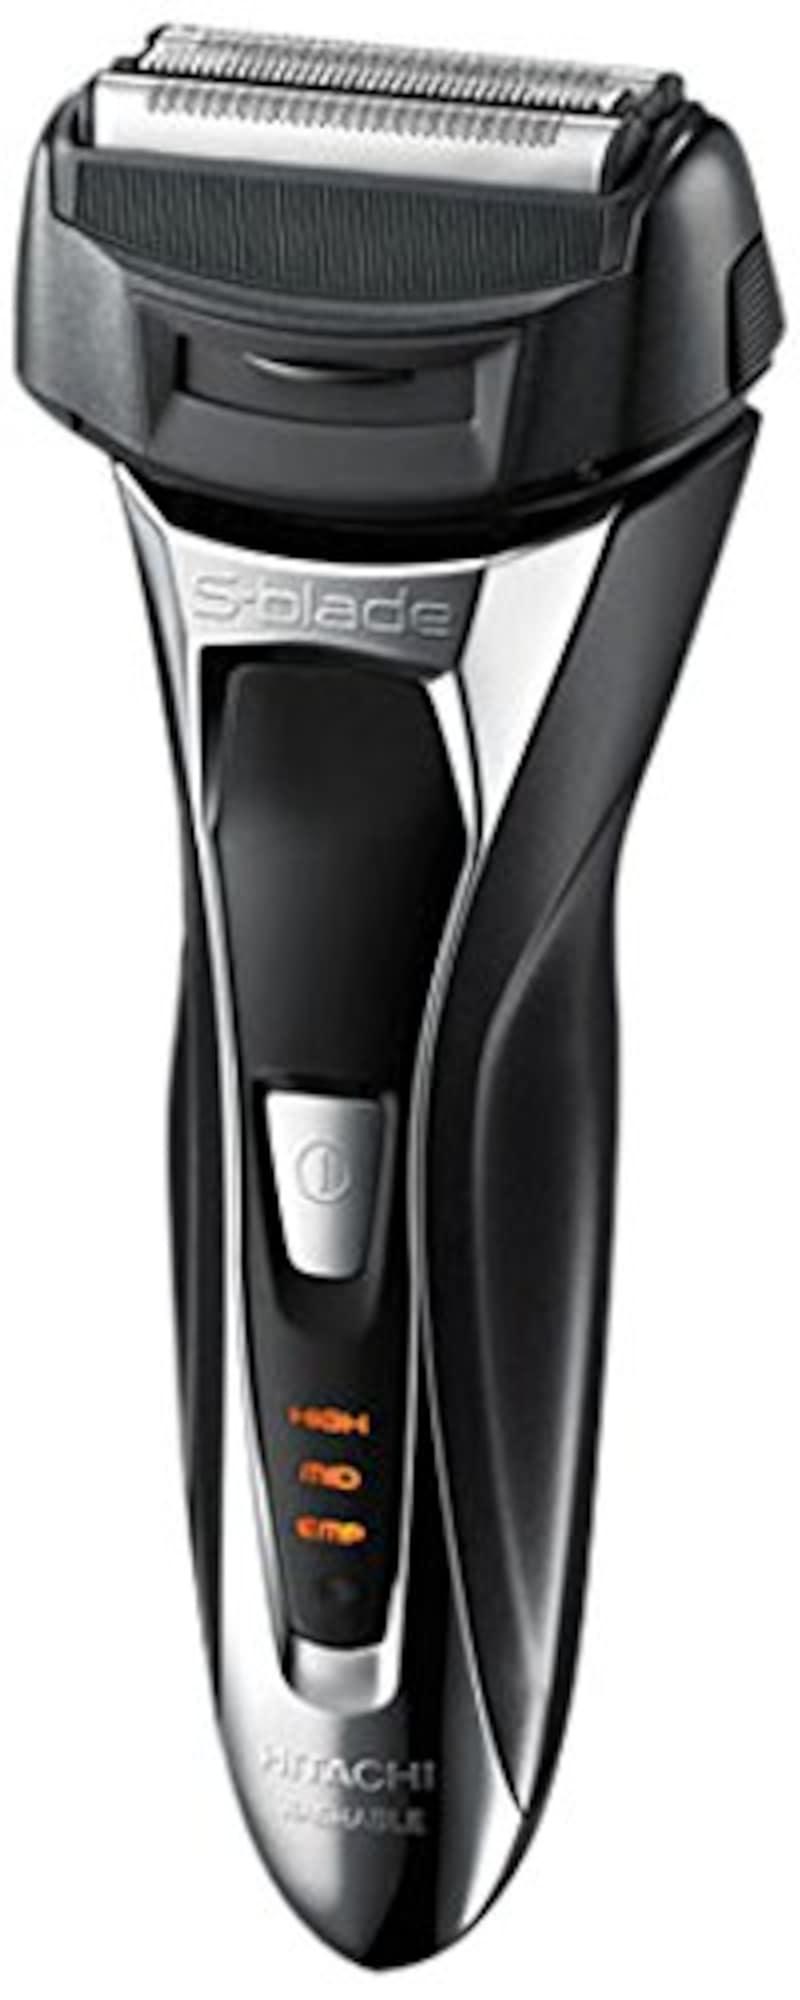 日立(HITACHI),電気シェーバー 4枚刃,RM-FL20WD